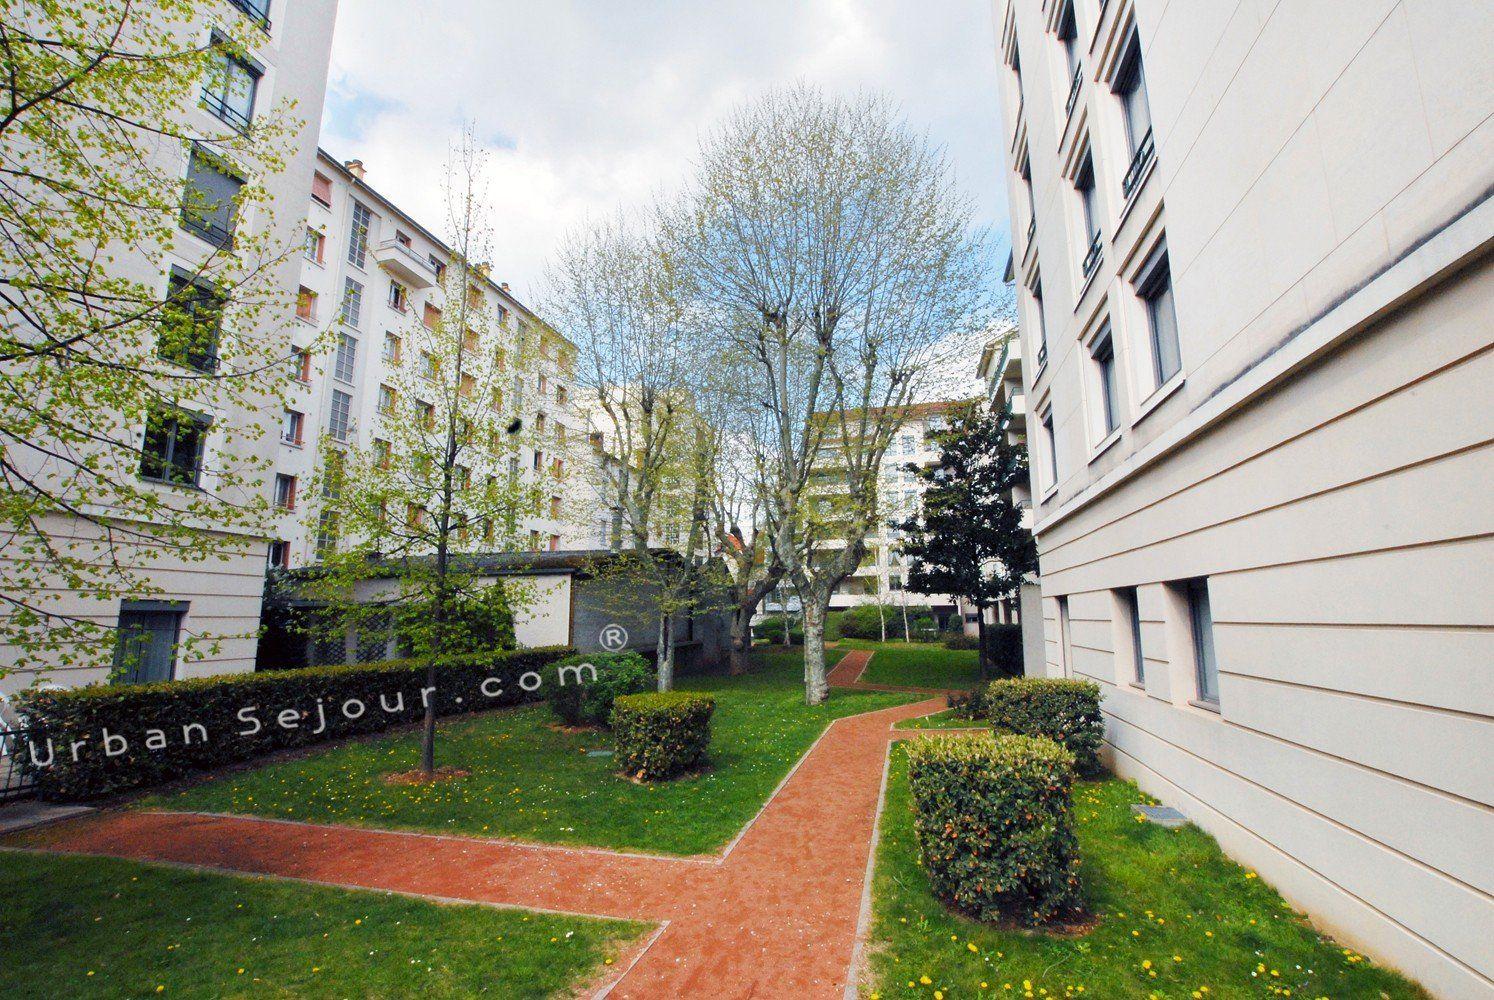 Location Chambre Dhtes Lyon 3 Part Dieu Castellanne Rhne